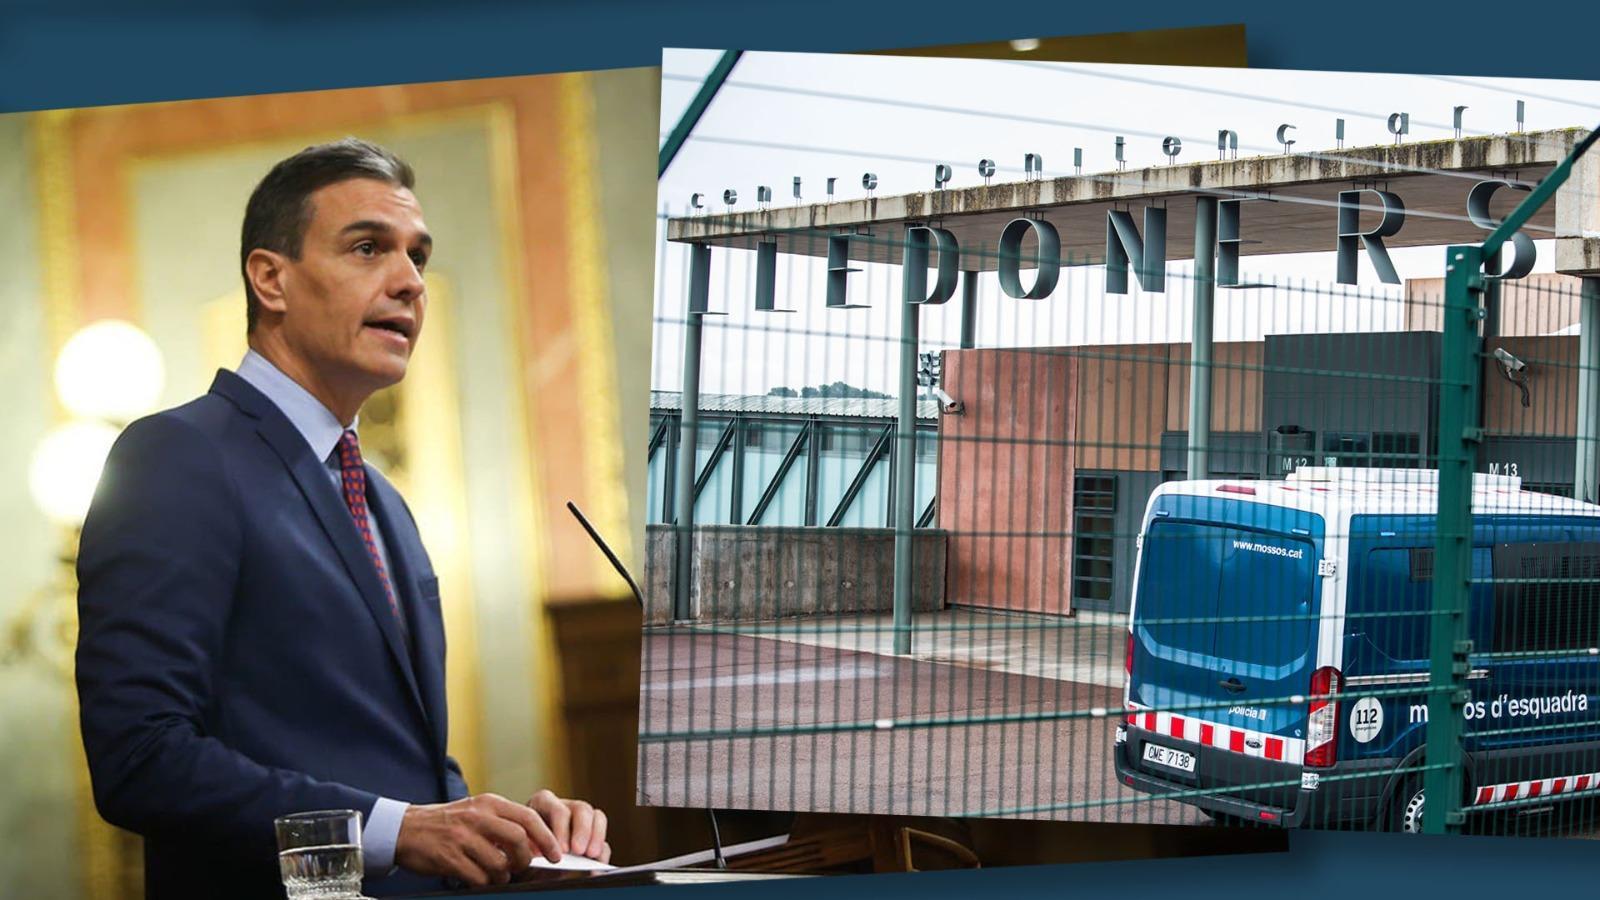 """L'anàlisi d'Antoni Bassas: """"Sánchez, retrobar-se és molt més que indultar"""""""